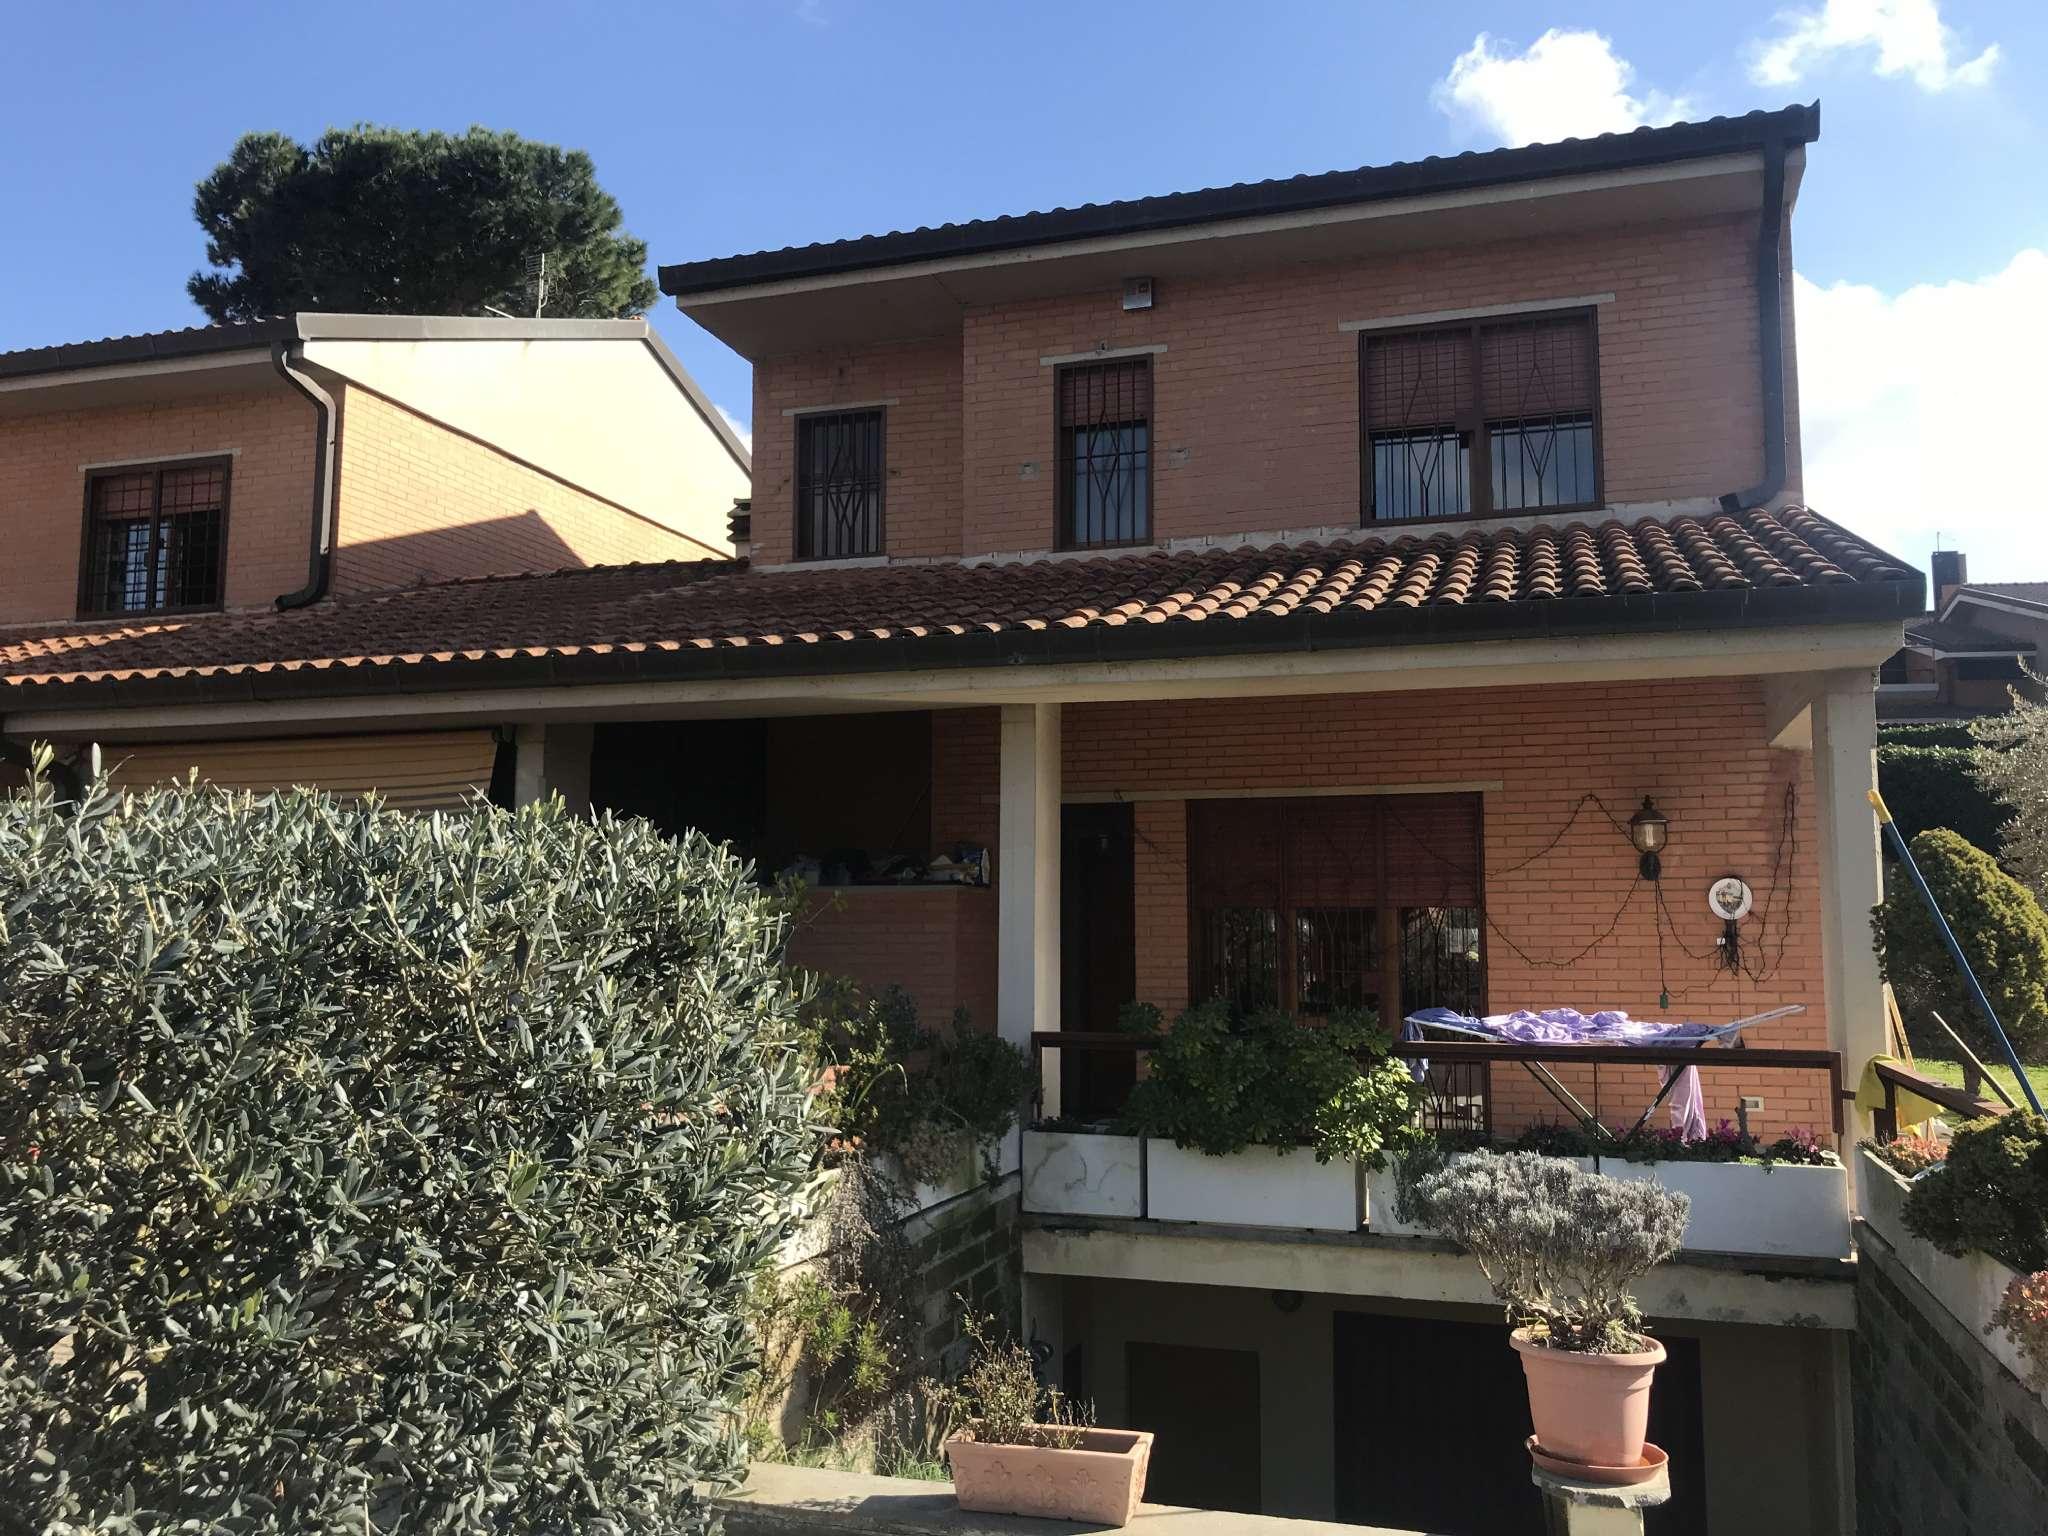 Villa Bifamiliare in vendita a Grottaferrata, 6 locali, prezzo € 465.000   CambioCasa.it